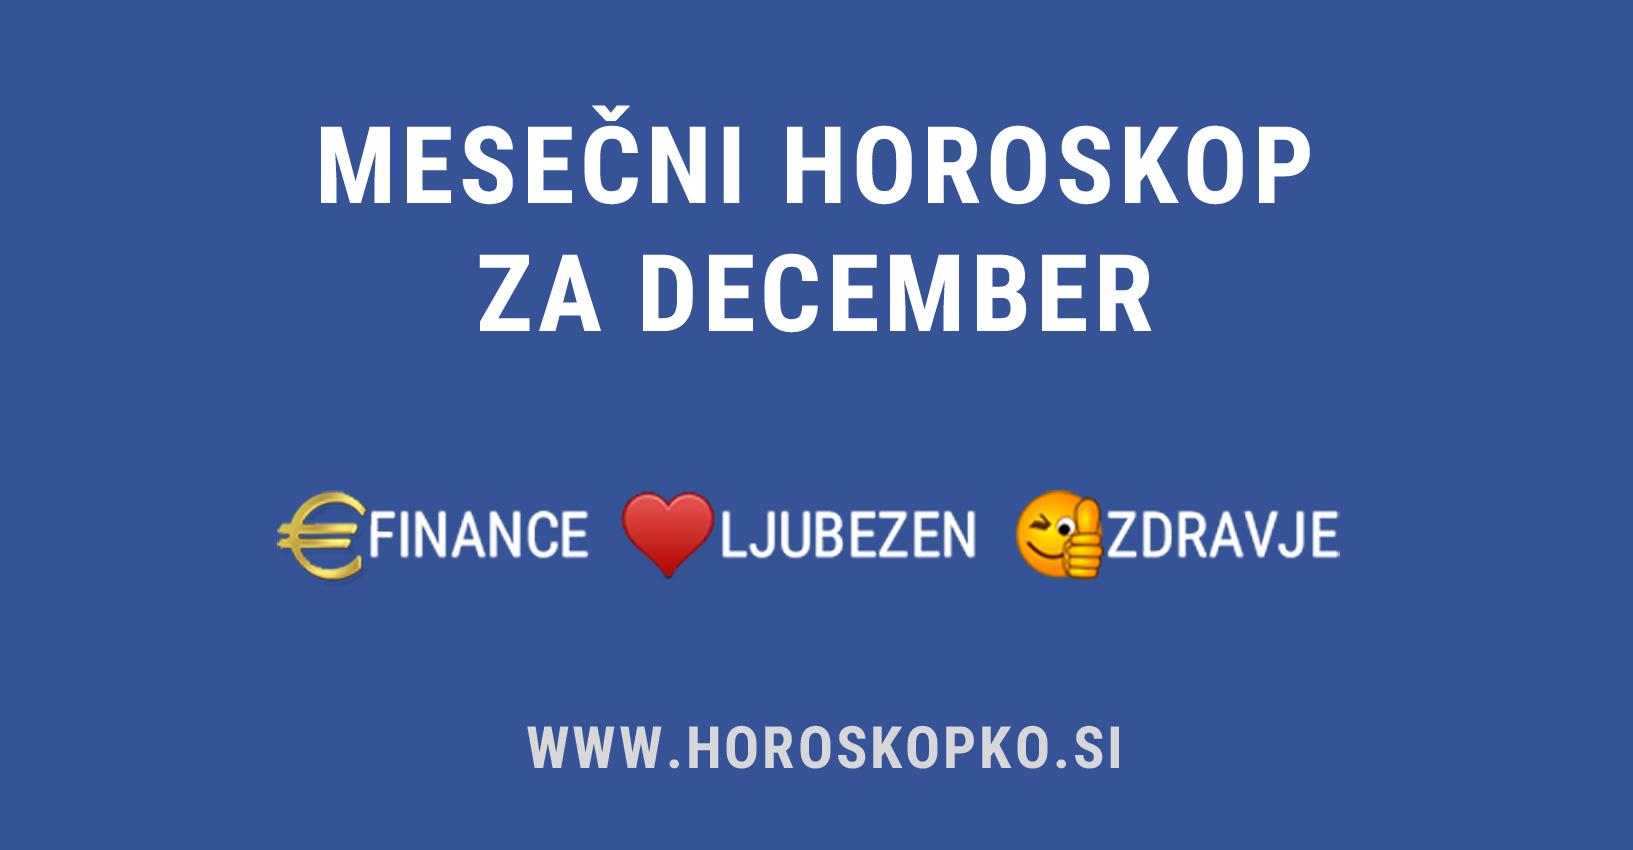 Horoskop december 2019